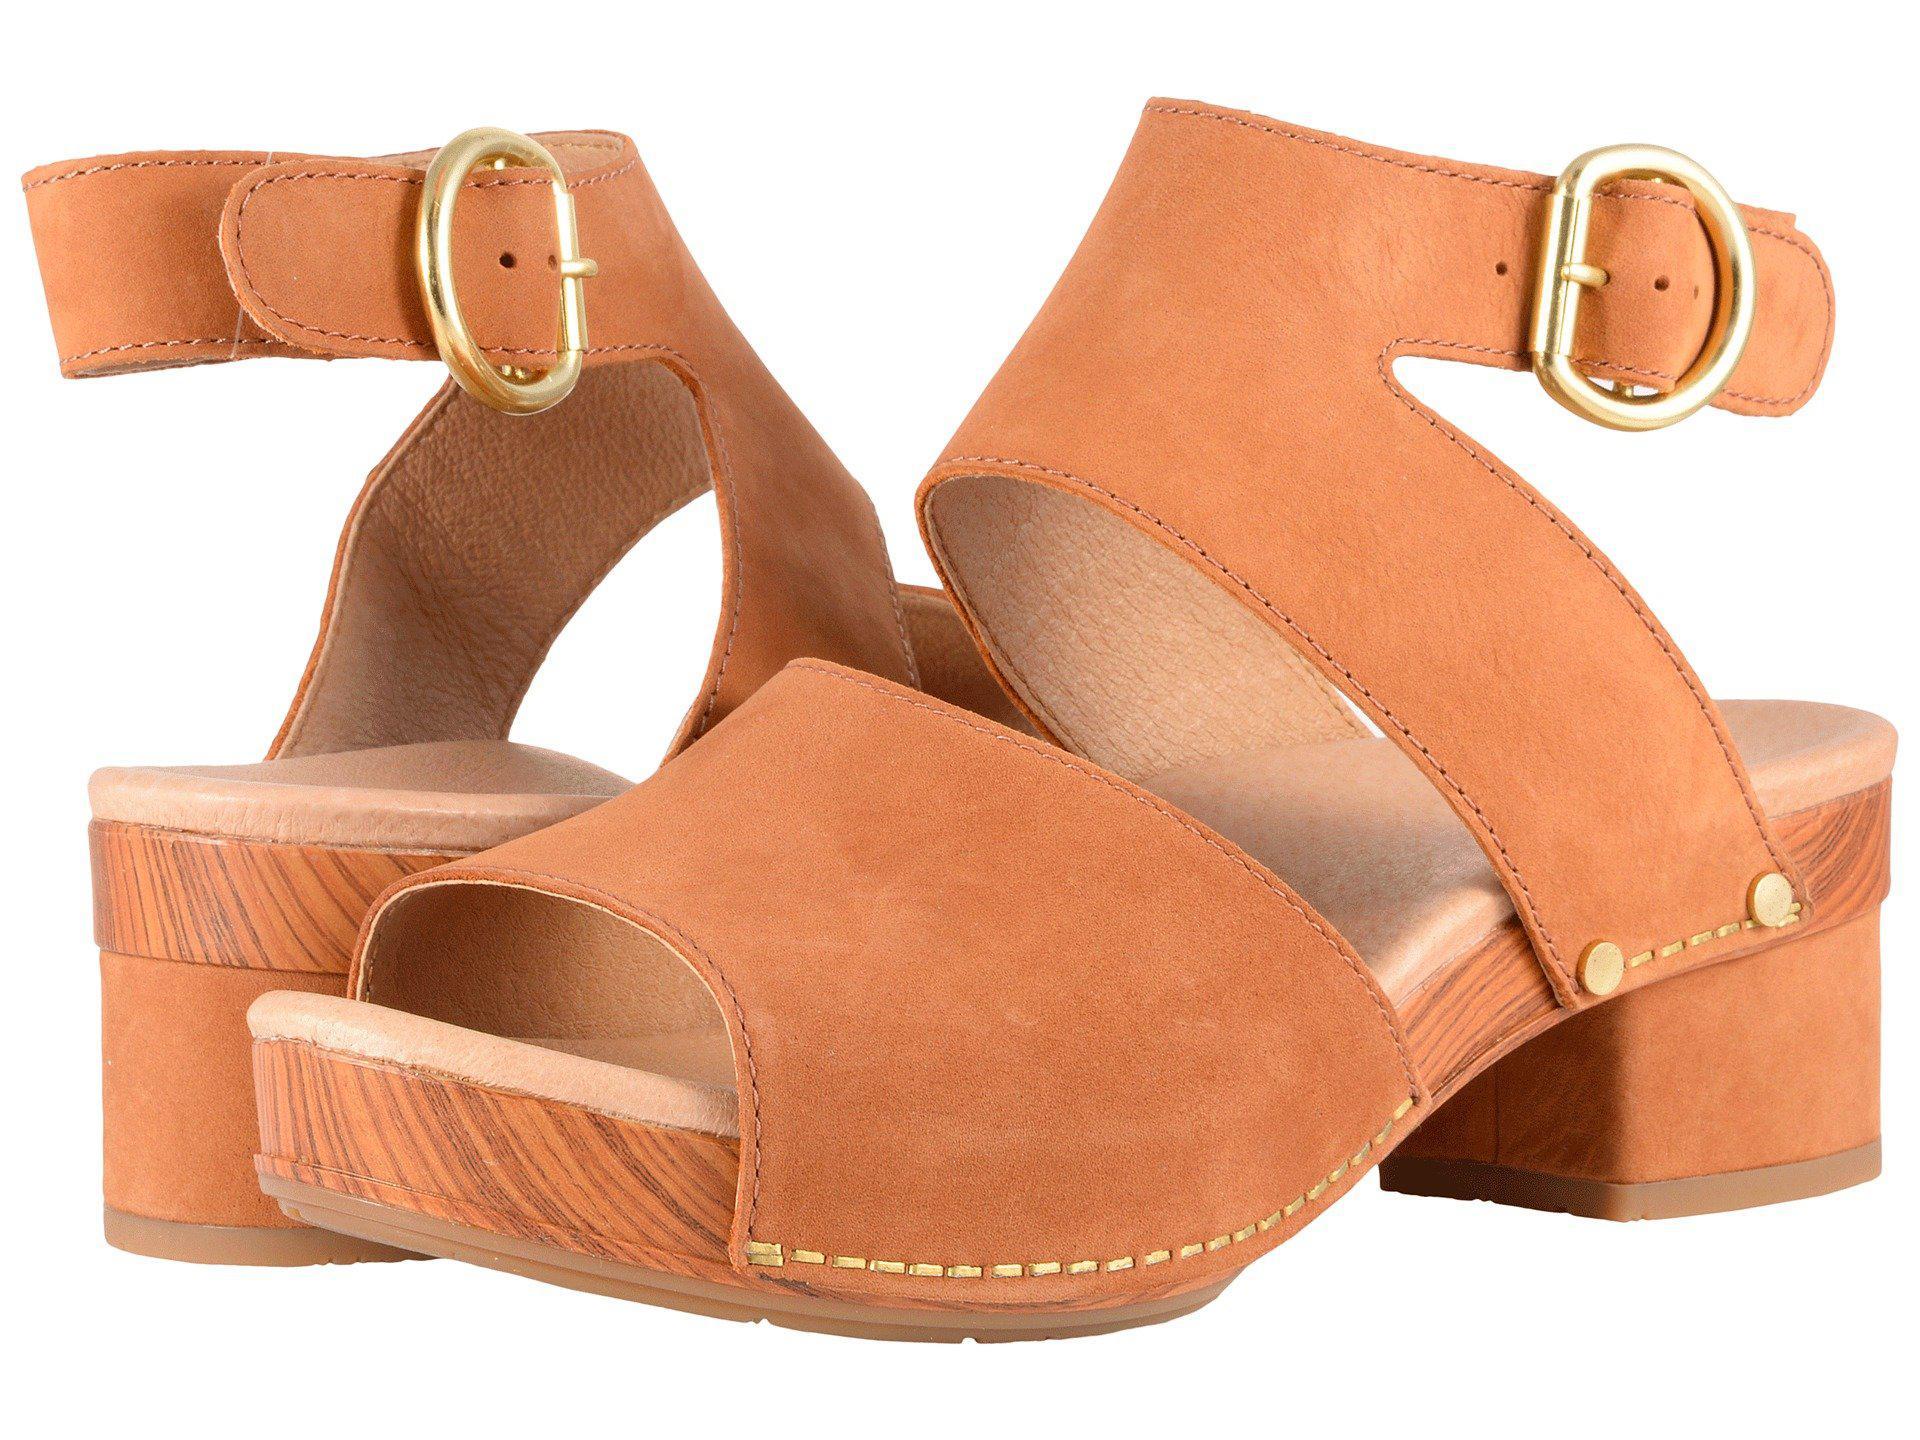 e4b5bb8e720 Lyst - Dansko Minka (camel Milled Nubuck) Women s Toe Open Shoes in ...